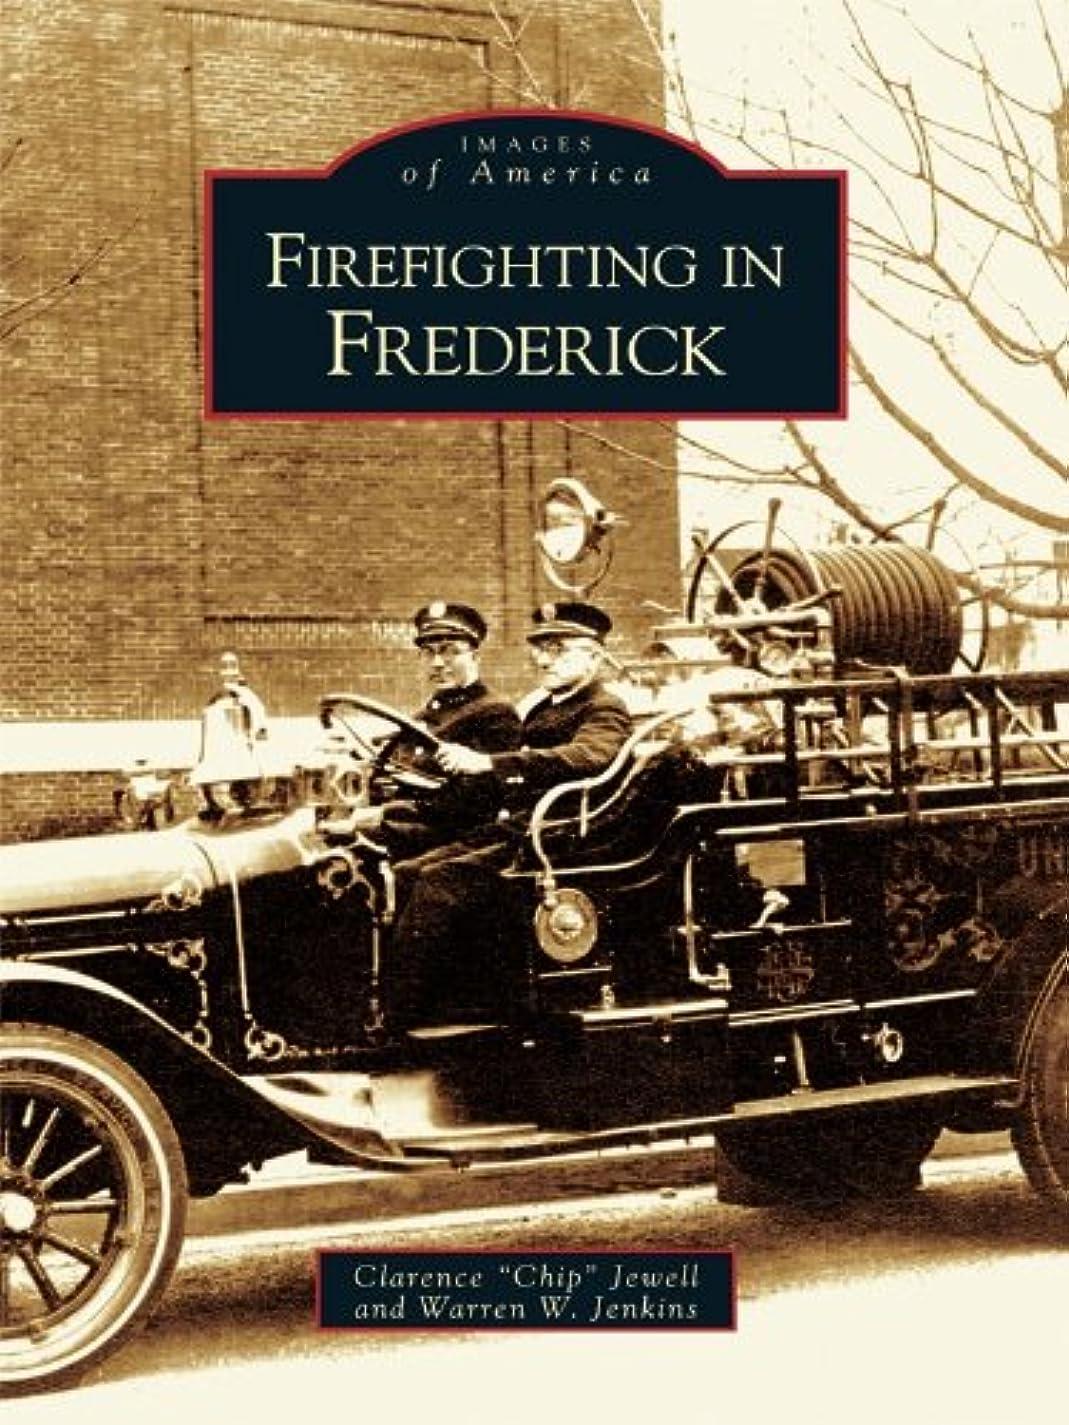 踏みつけアボート好奇心Firefighting in Frederick (Images of America) (English Edition)